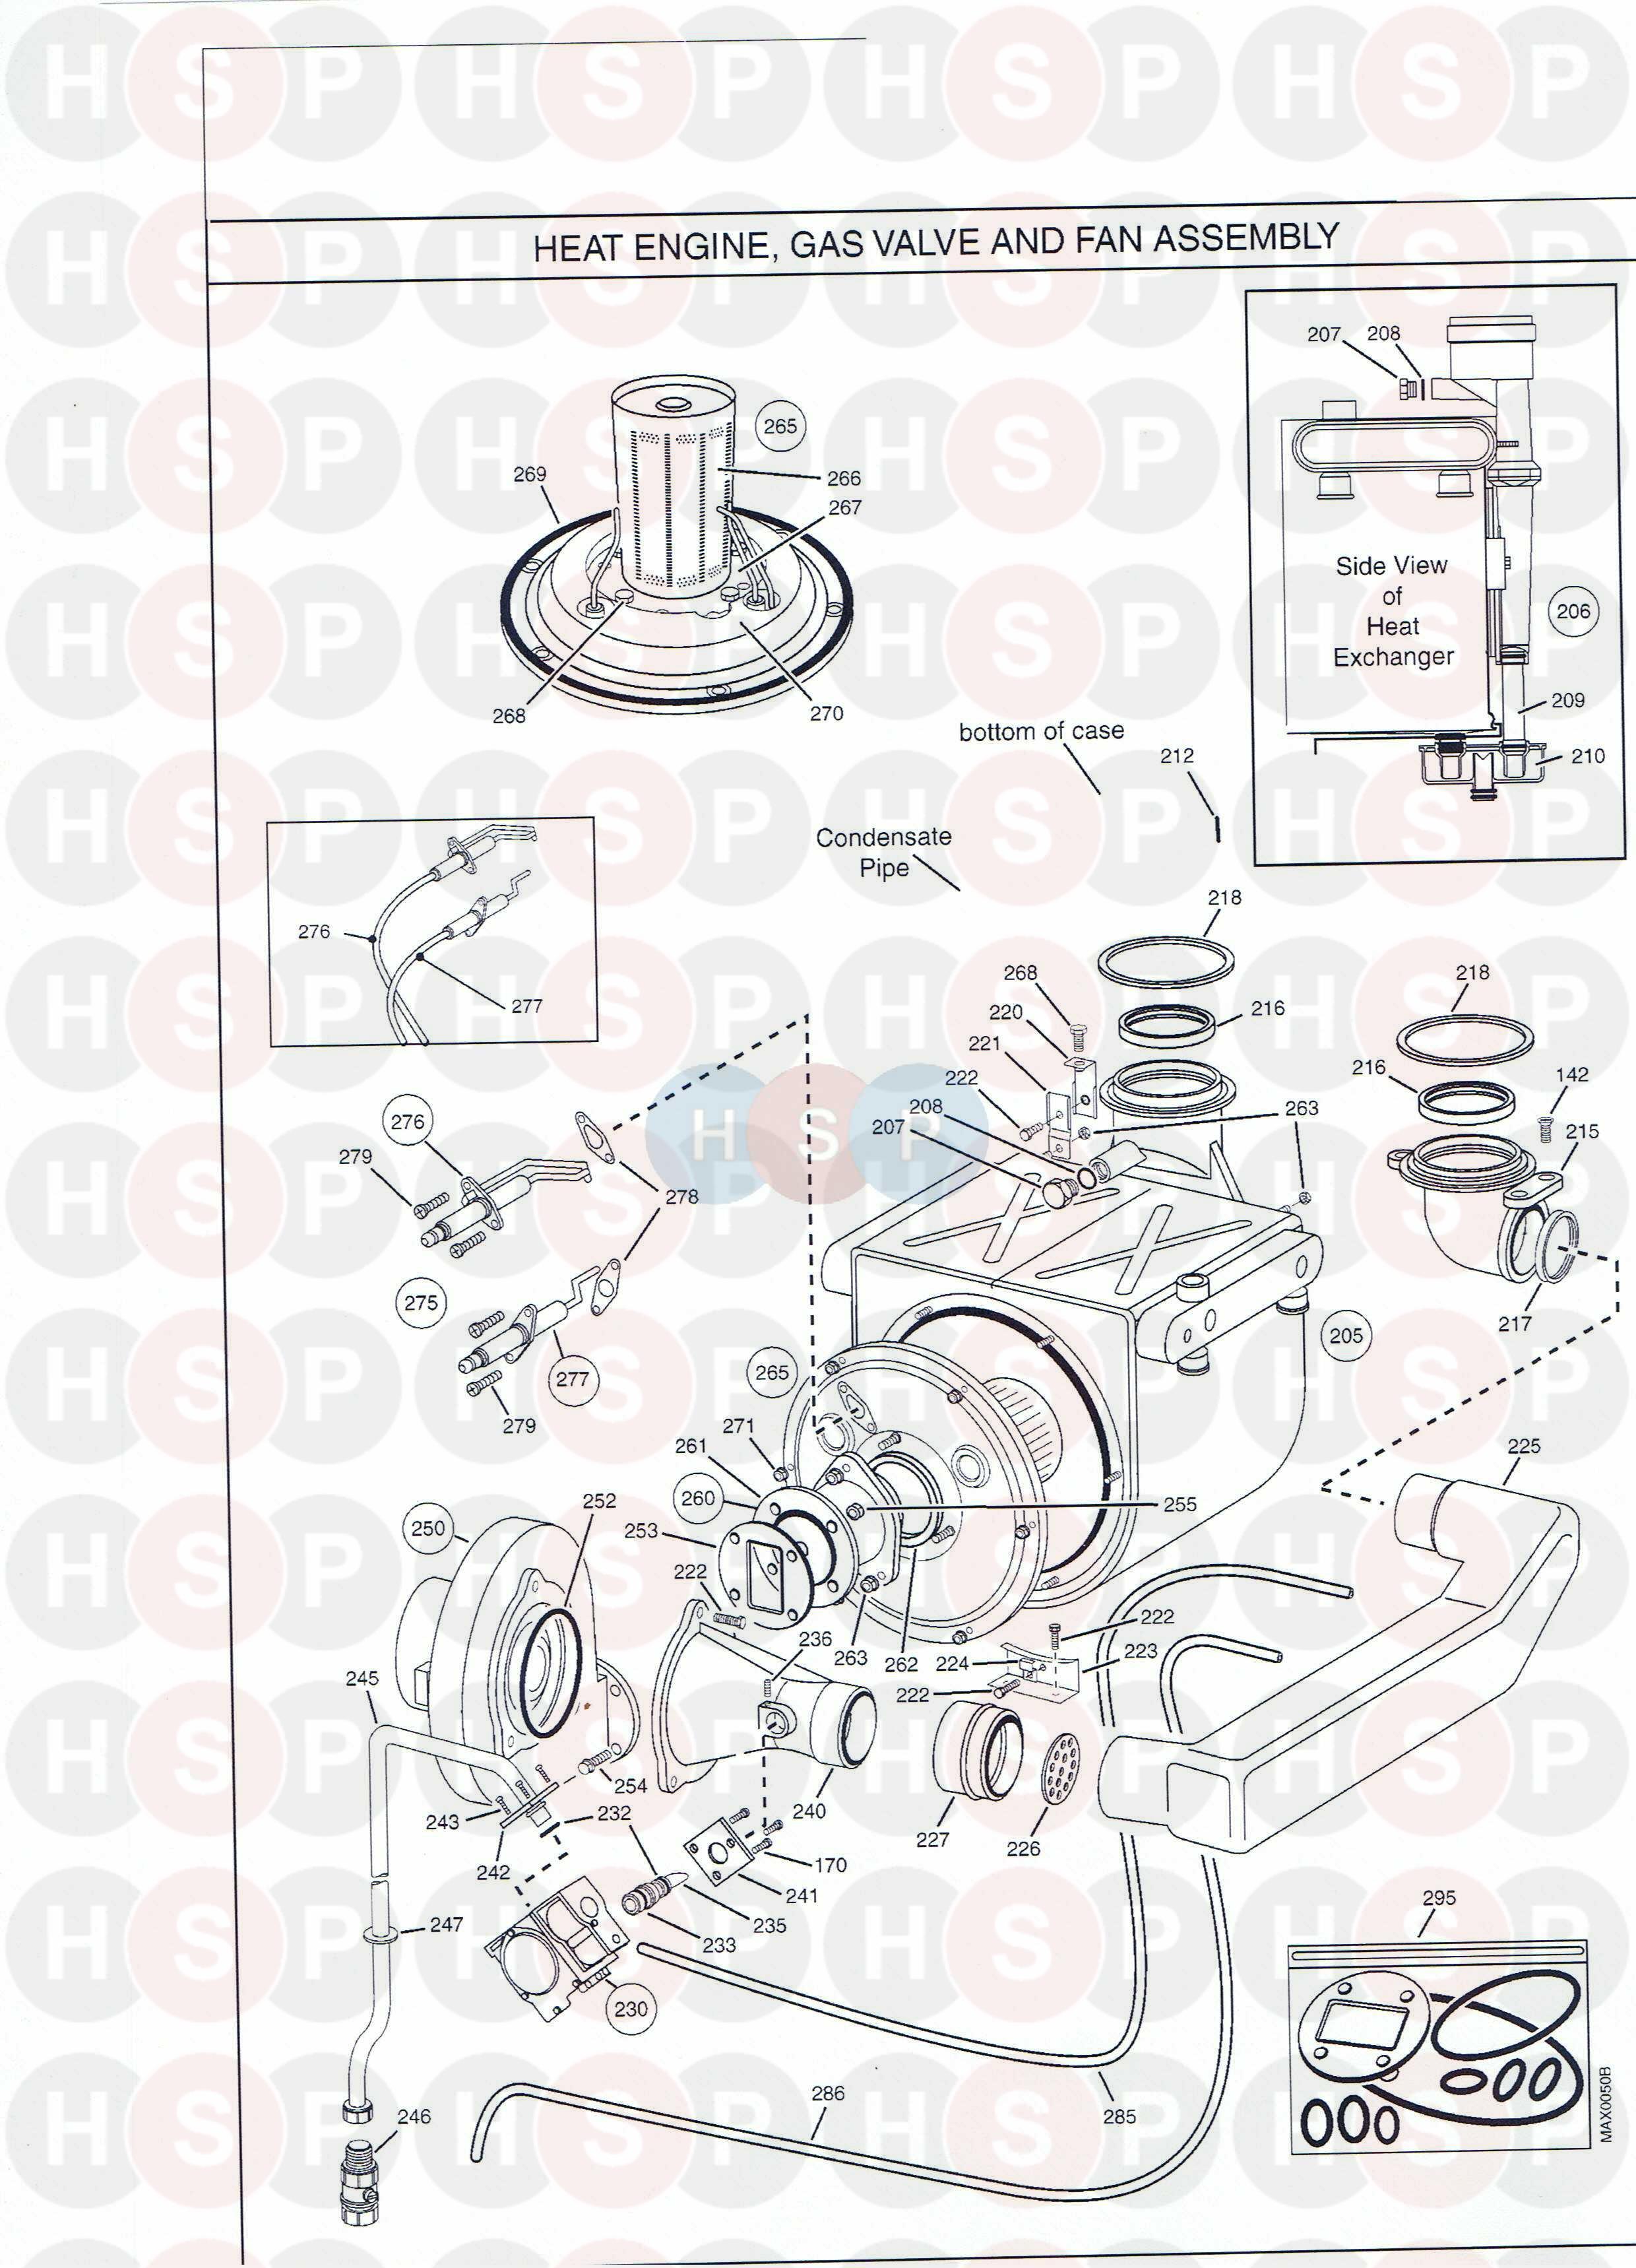 Potterton POWERMAX 115 HE (HEAT ENGINE GAS VALVE FAN